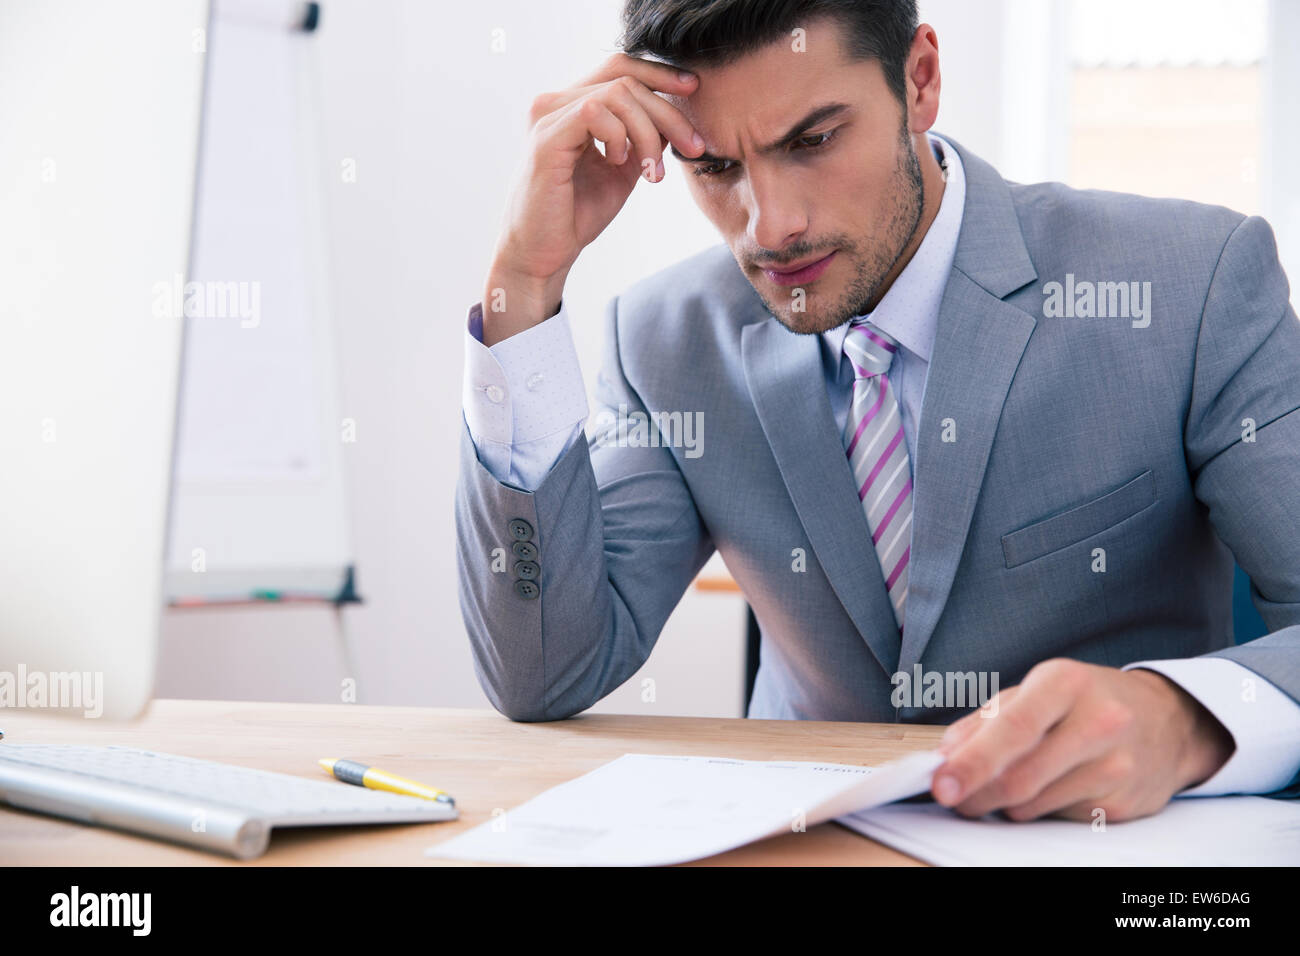 Gut aussehend Geschäftsmann am Tisch im Büro sitzen und lesen Dokument Stockbild